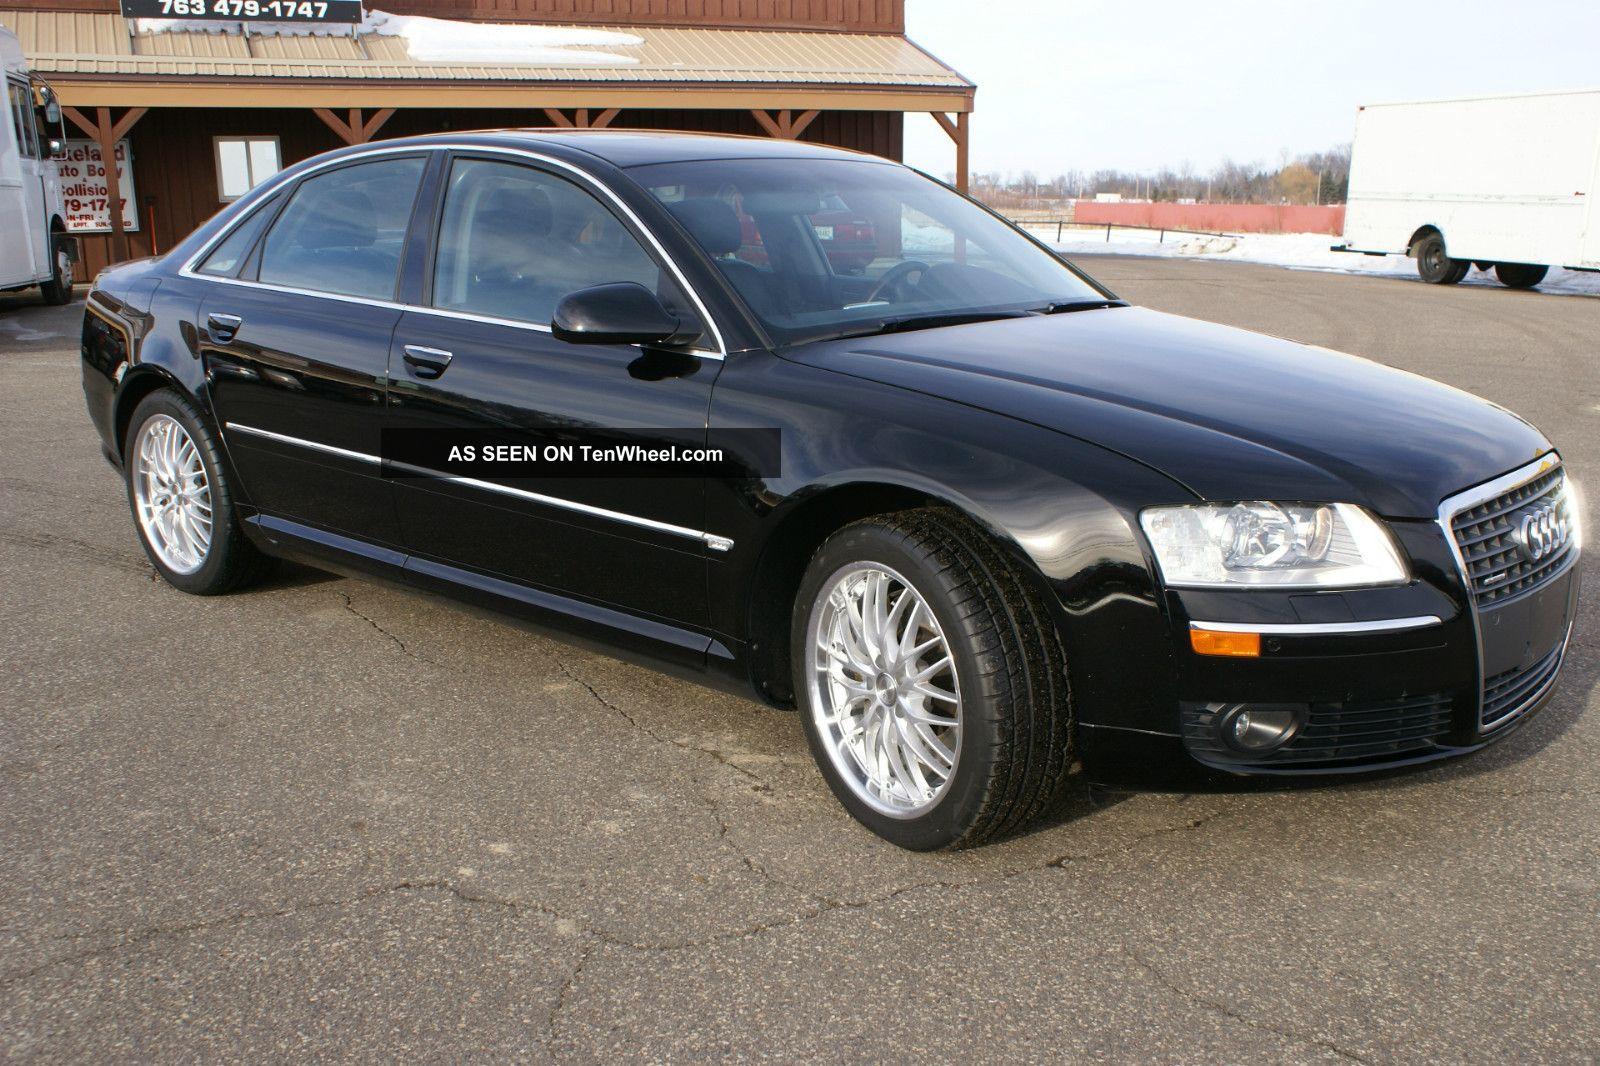 2006 Audi A8 In